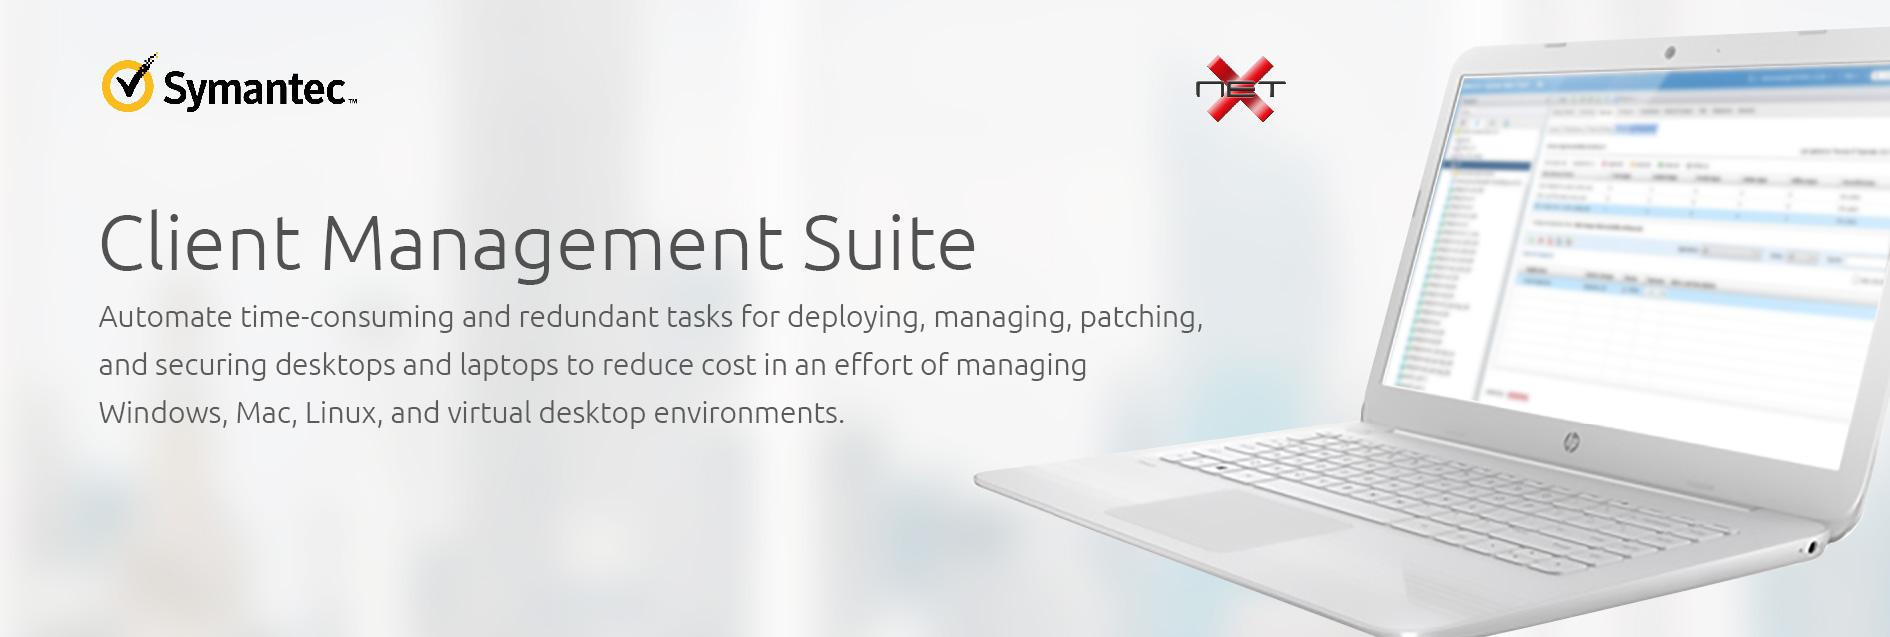 netx-symantec-client-mgmt-suite-banner